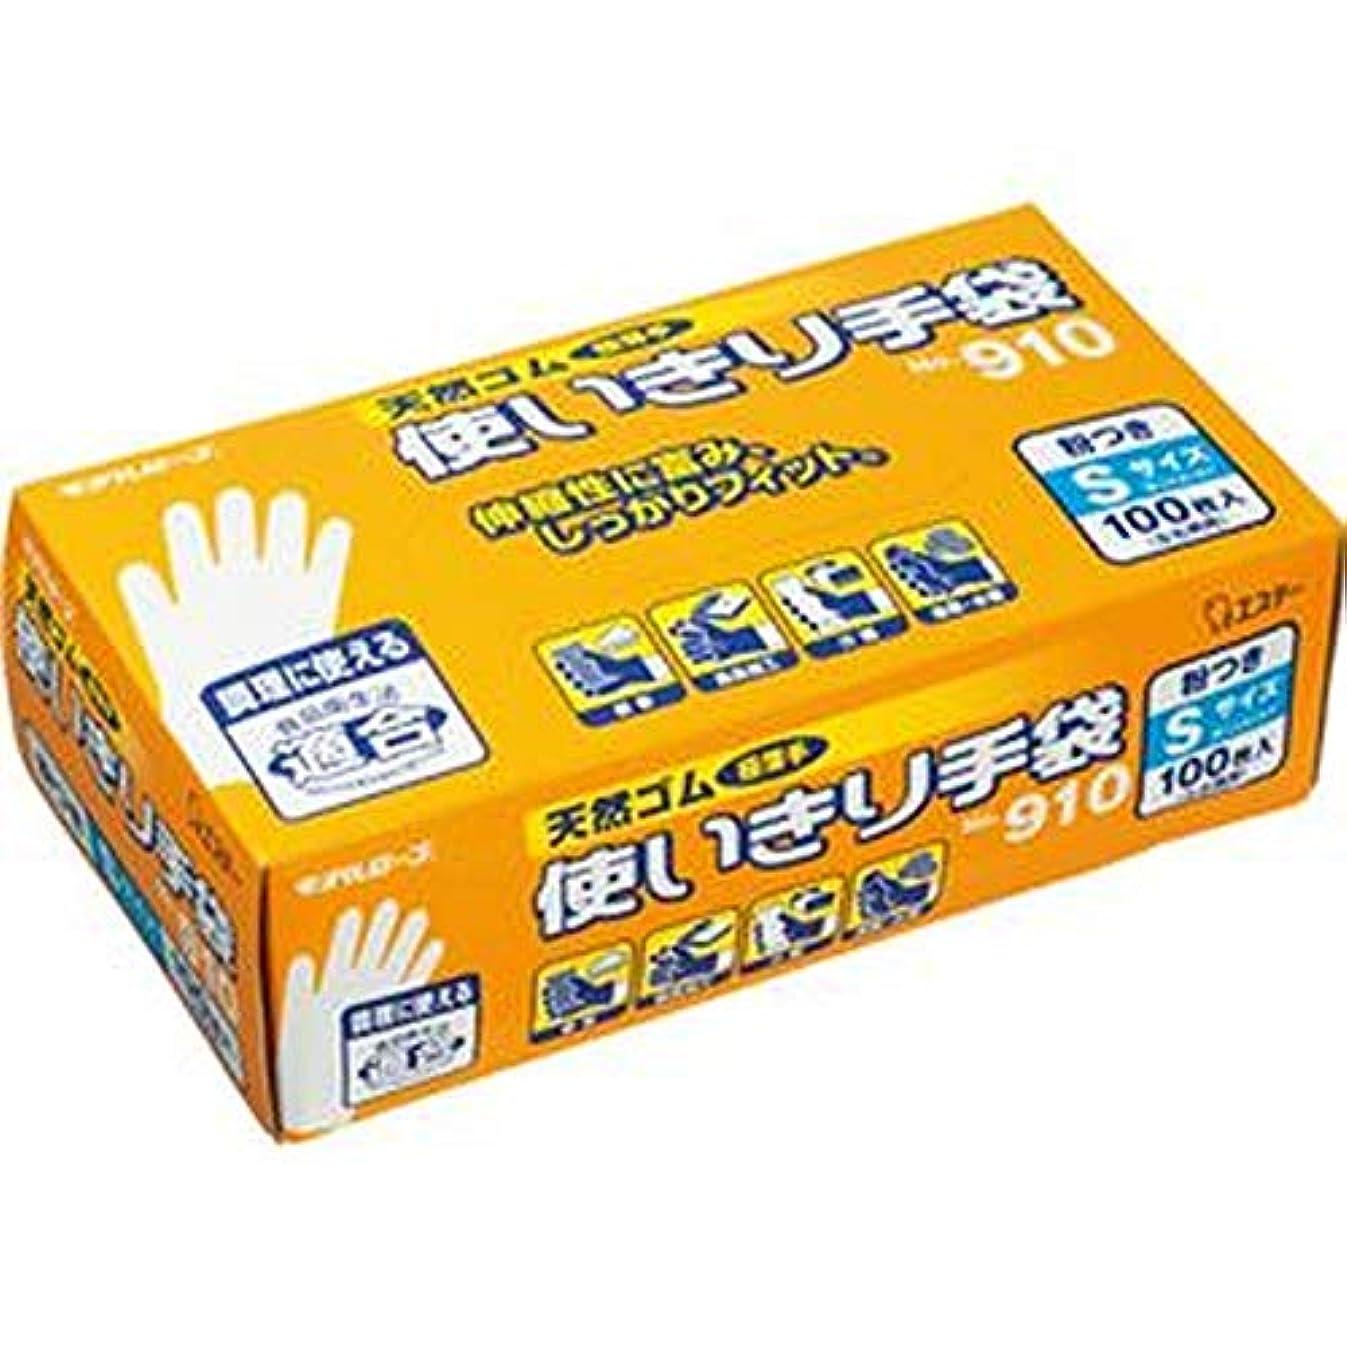 キノコアクセスありがたい- まとめ - / エステー/No.910 / 天然ゴム使いきり手袋 - 粉付 - / S / 1箱 - 100枚 - / - ×5セット -